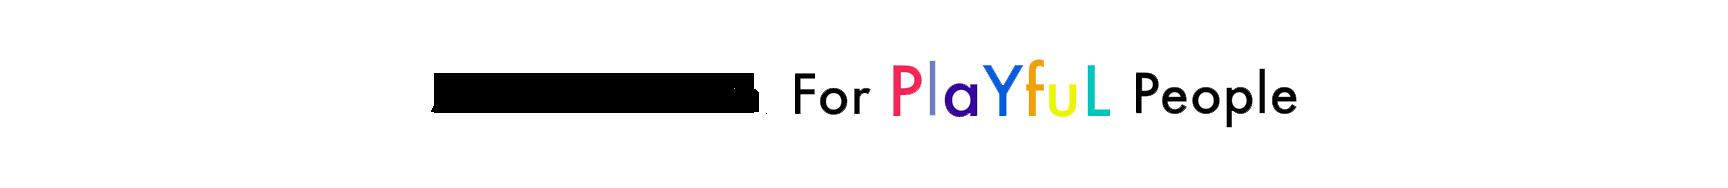 playful2-amandarouse.png